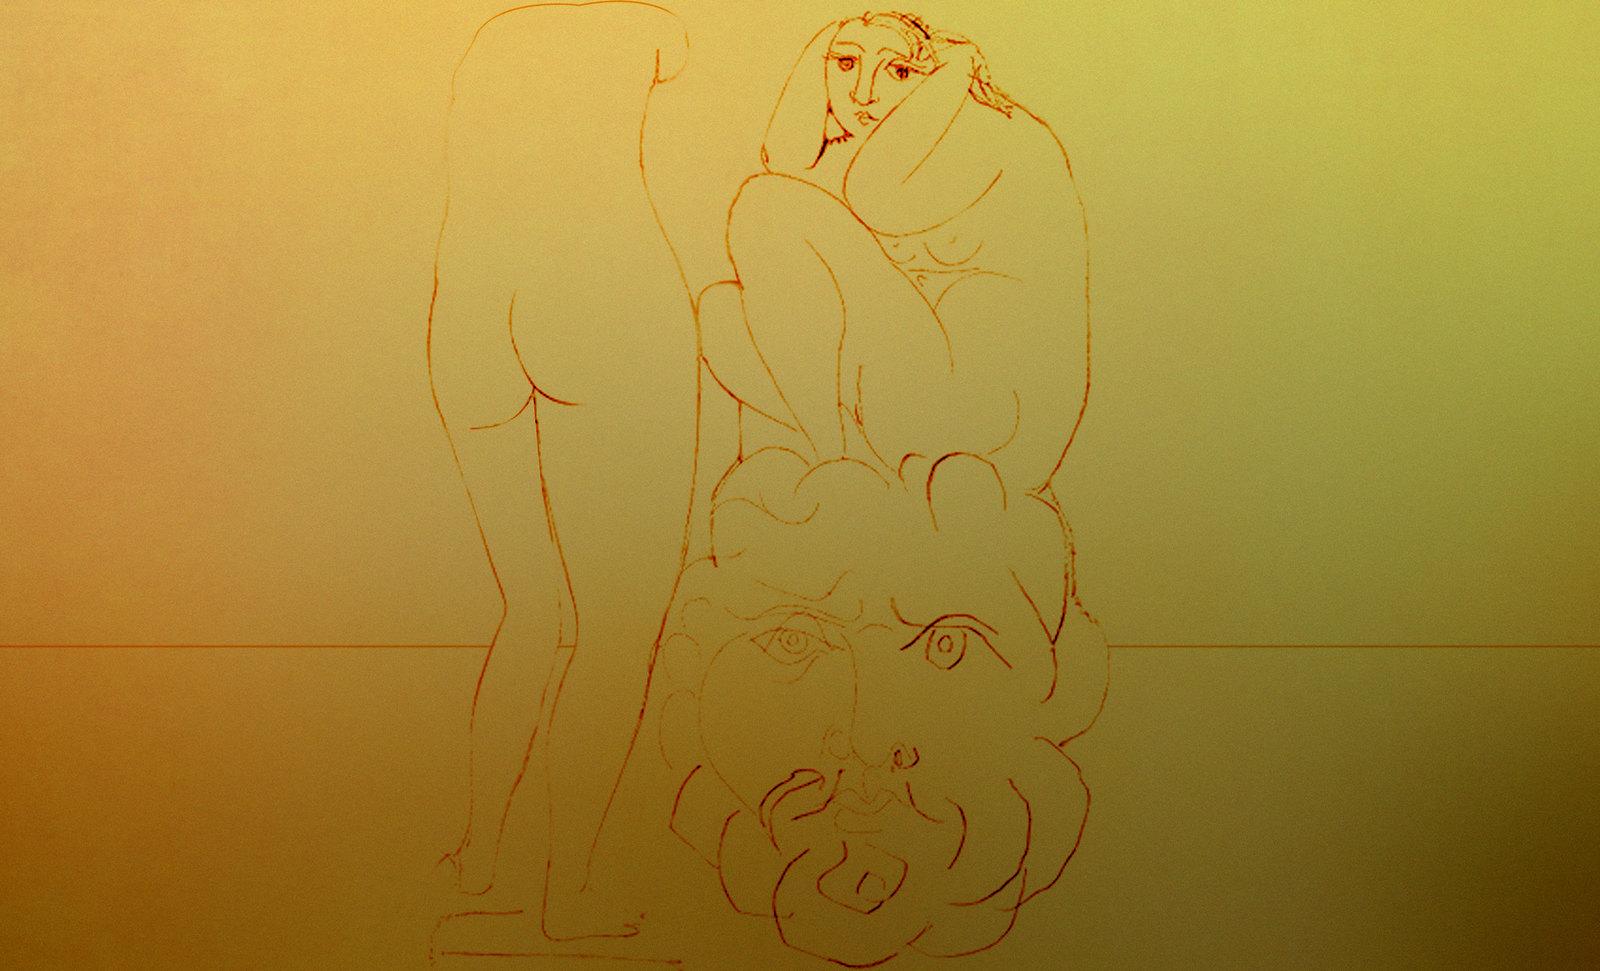 45Pablo Picasso